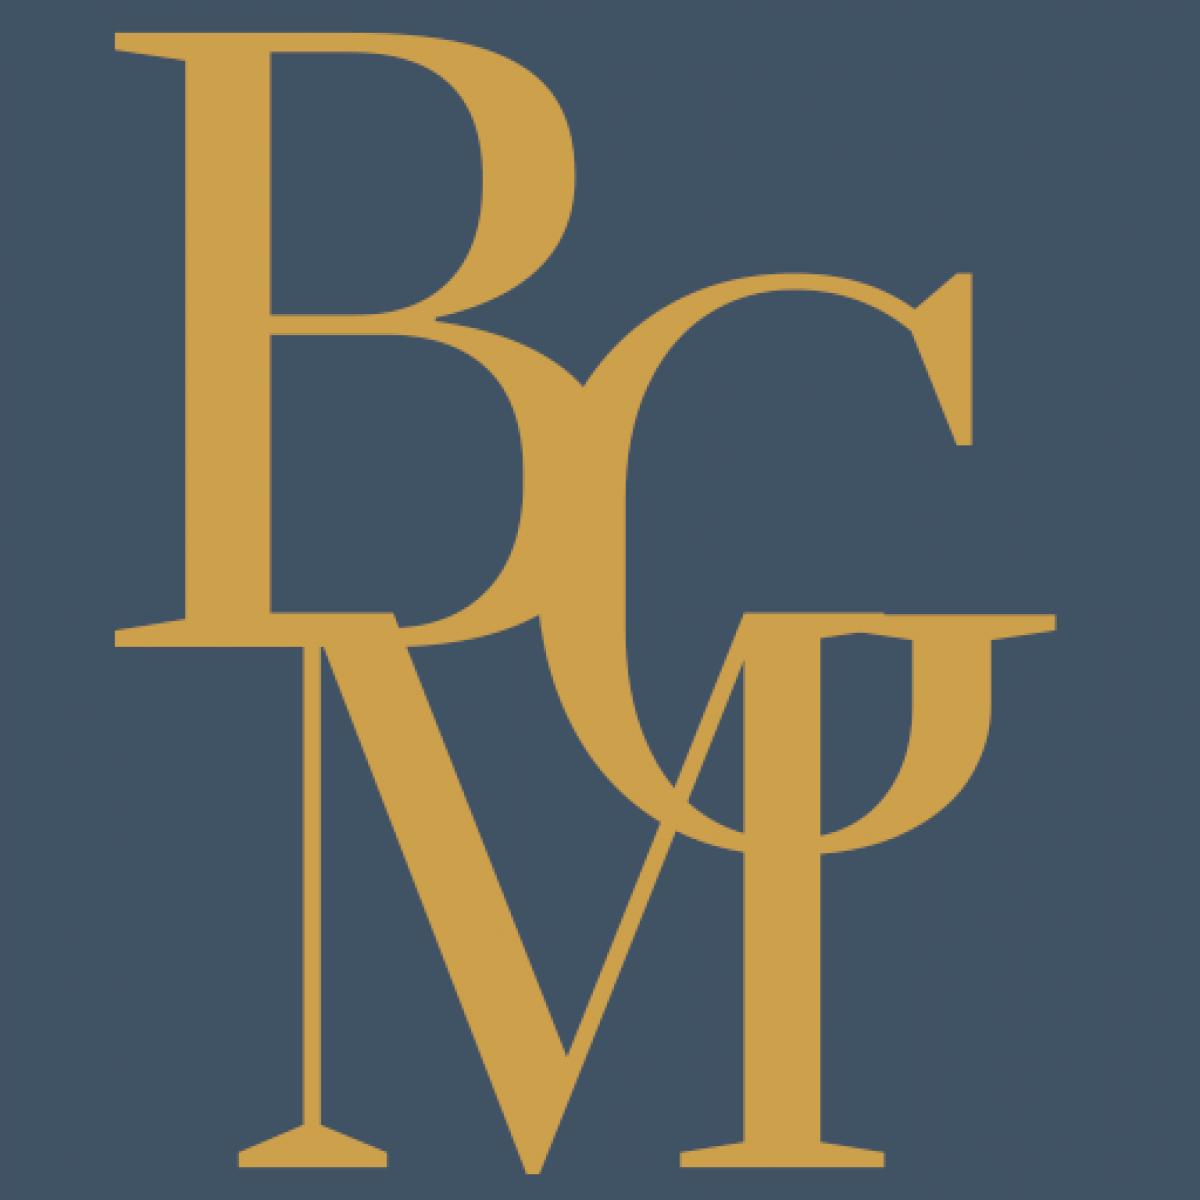 Beus Gilbert McGroder congratulates its following new members: